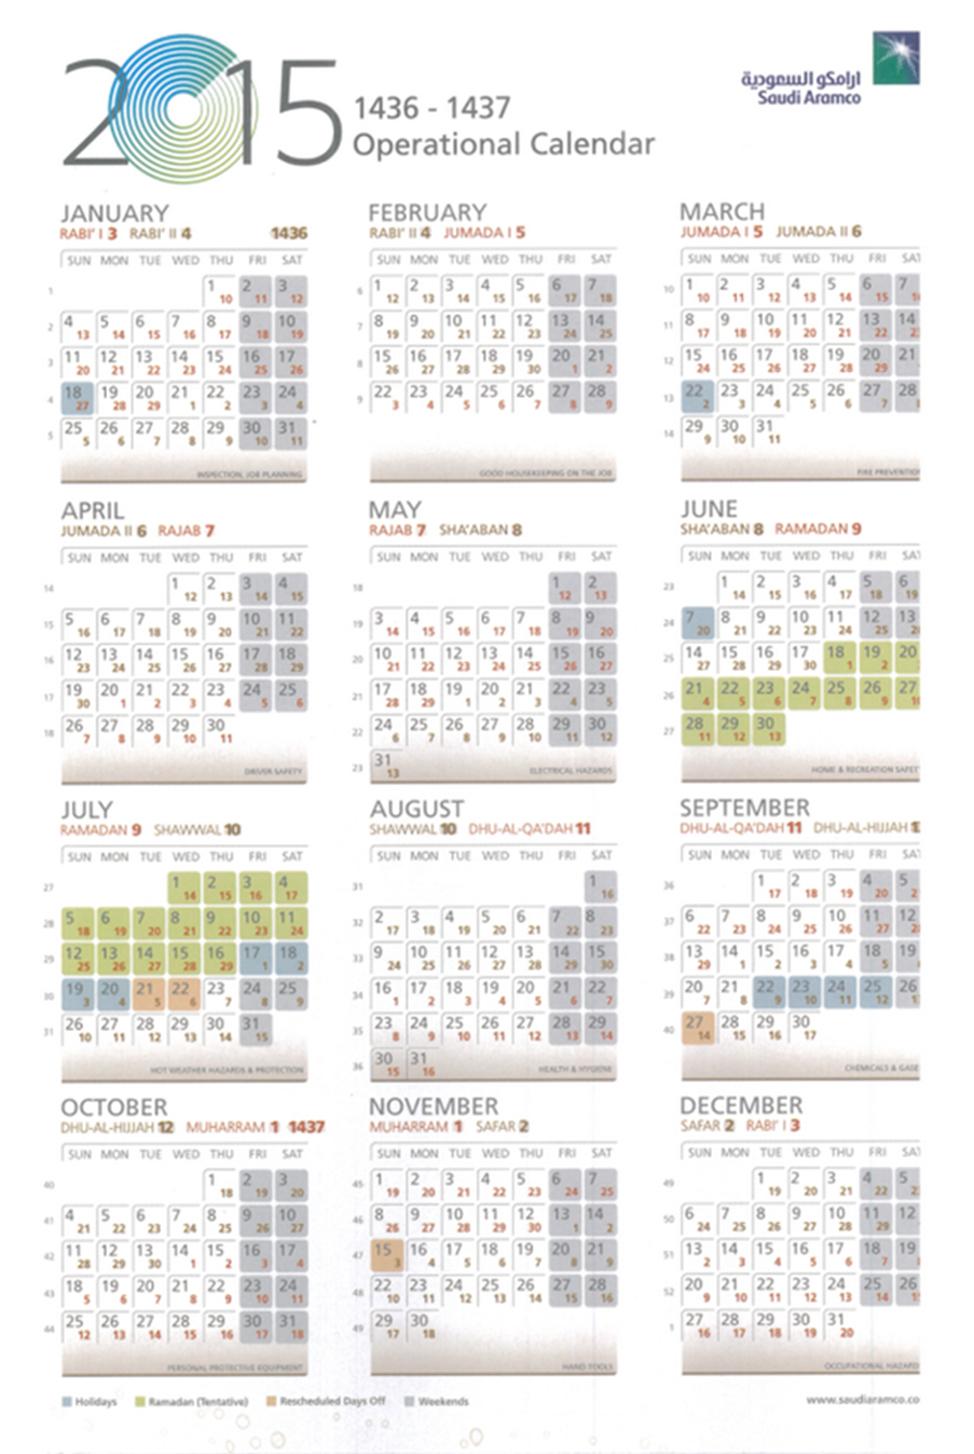 Aramco Calendar 2020 Pdf - Calendario 2019